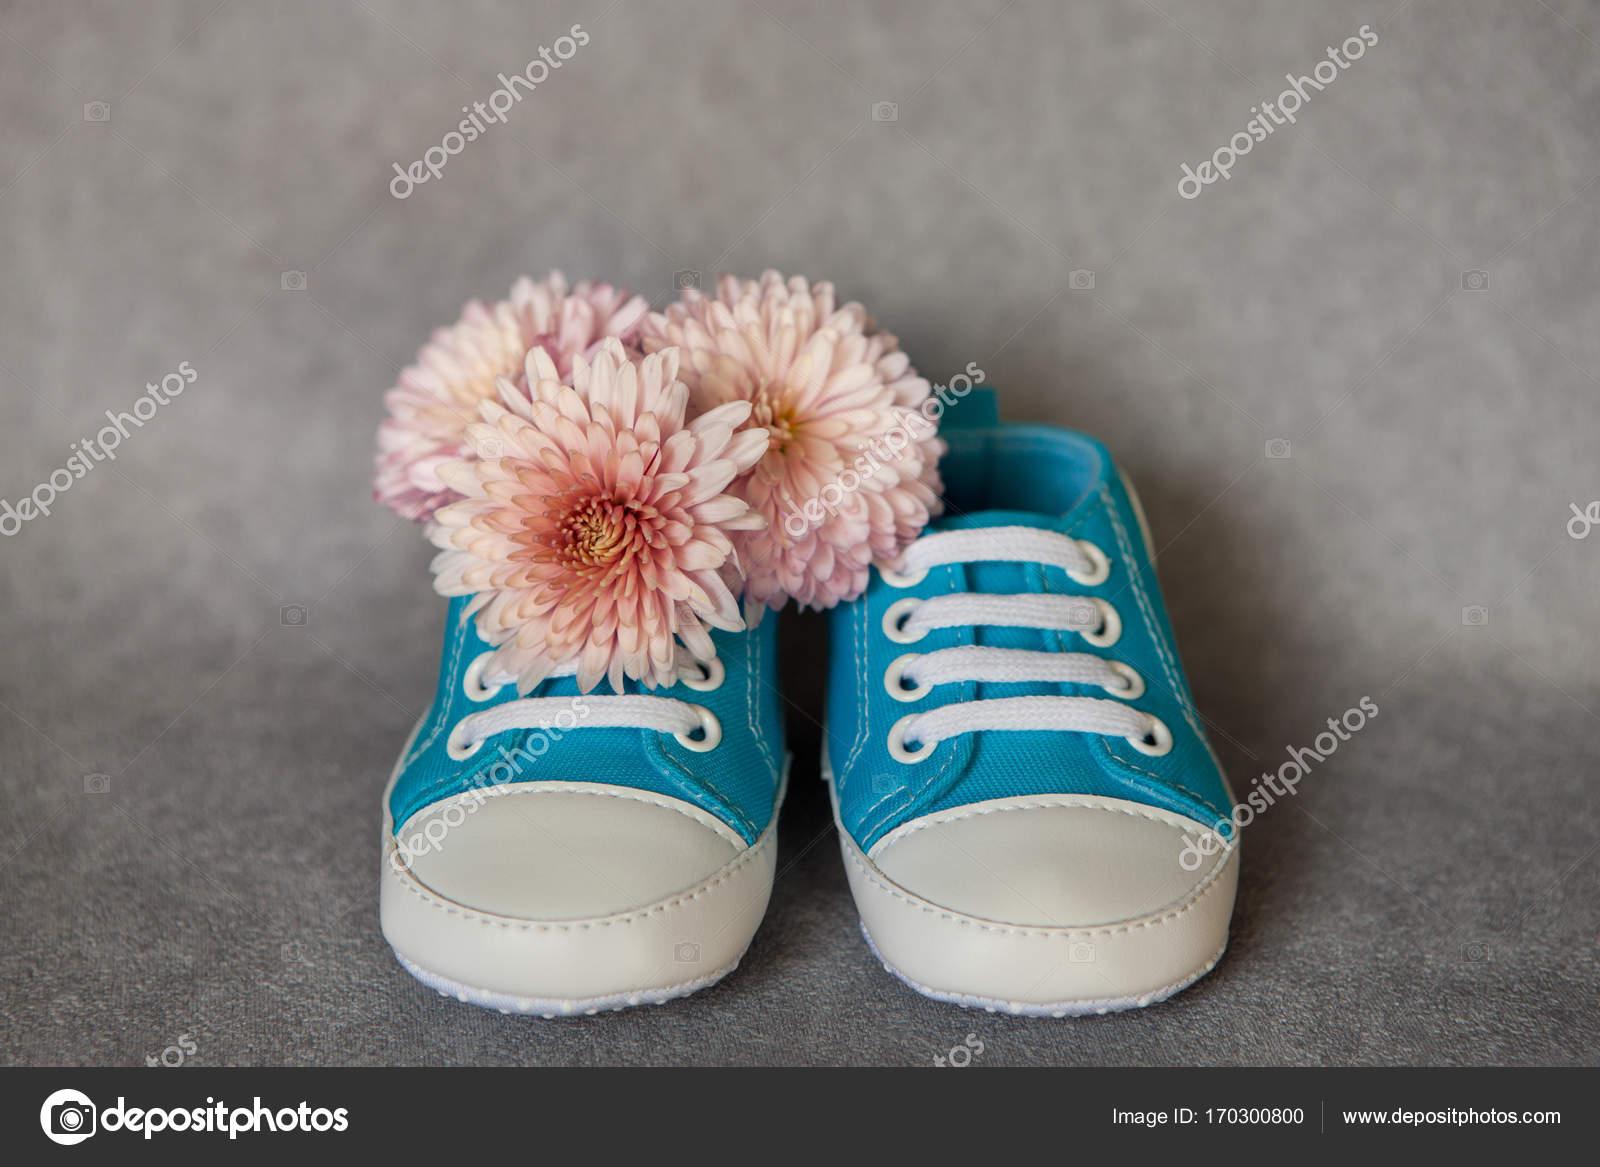 ee7599d0 Zapatitos de bebé azul con flores, concepto de maternidad — Foto de Stock